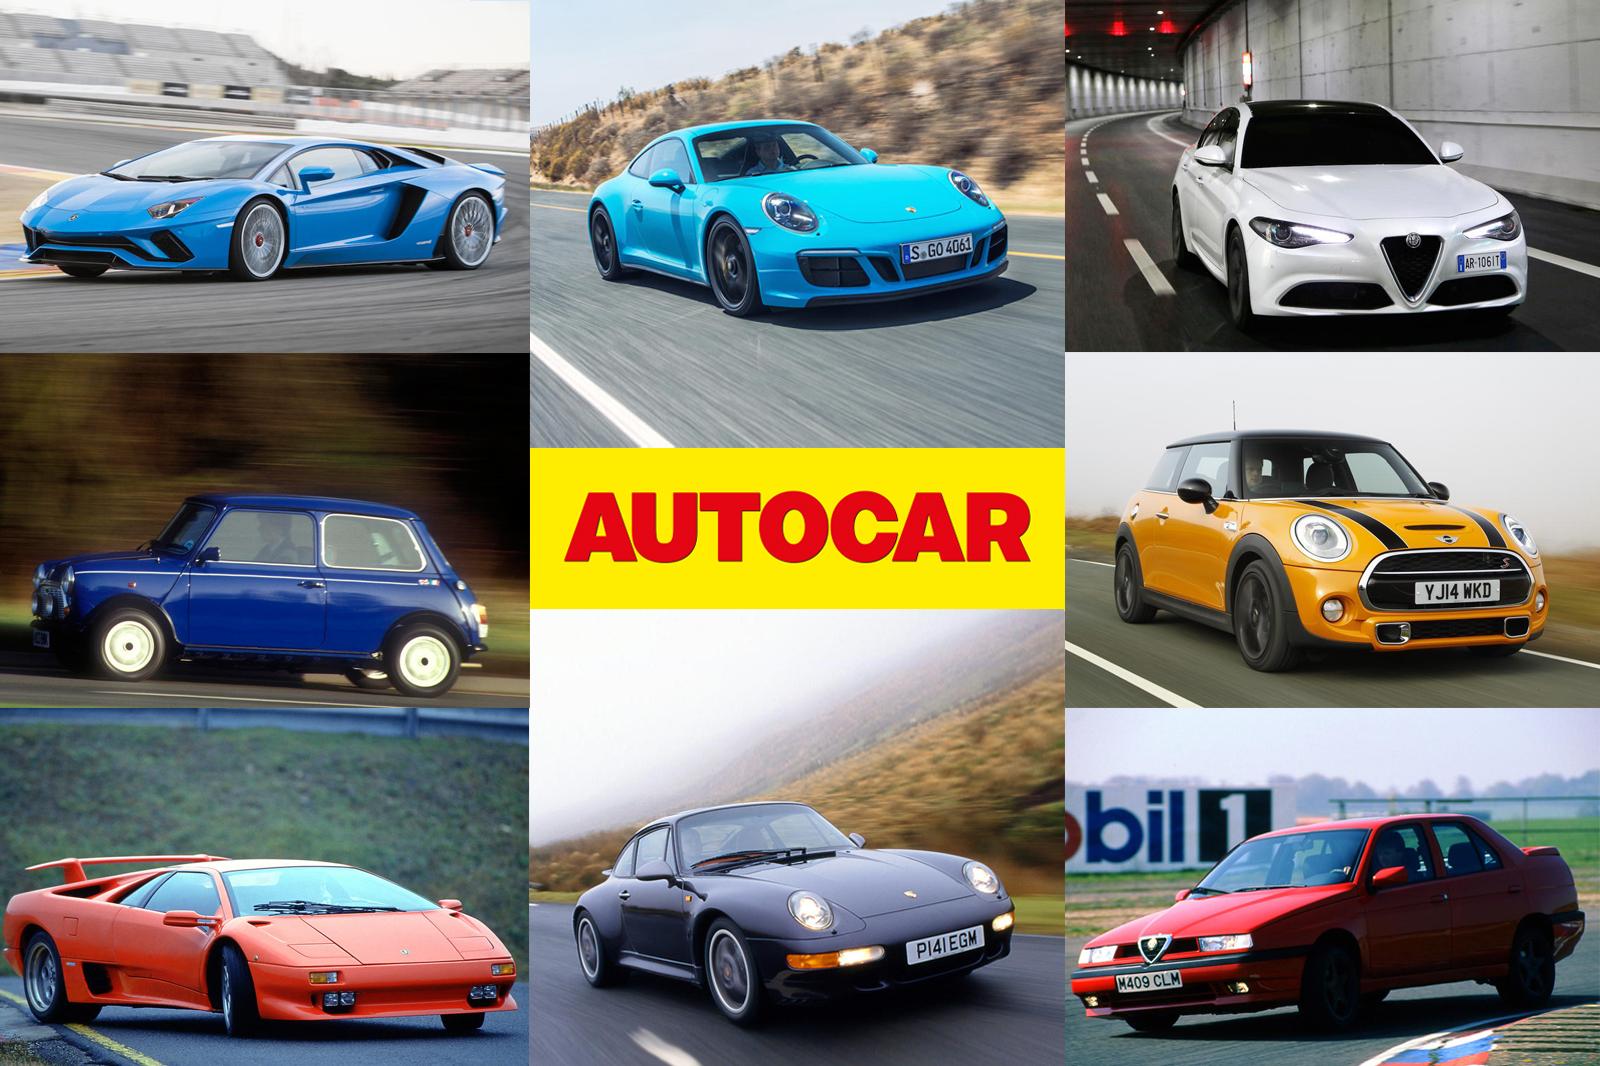 Autocar вождения впечатления — сравнение автомобилей двадцать лет на